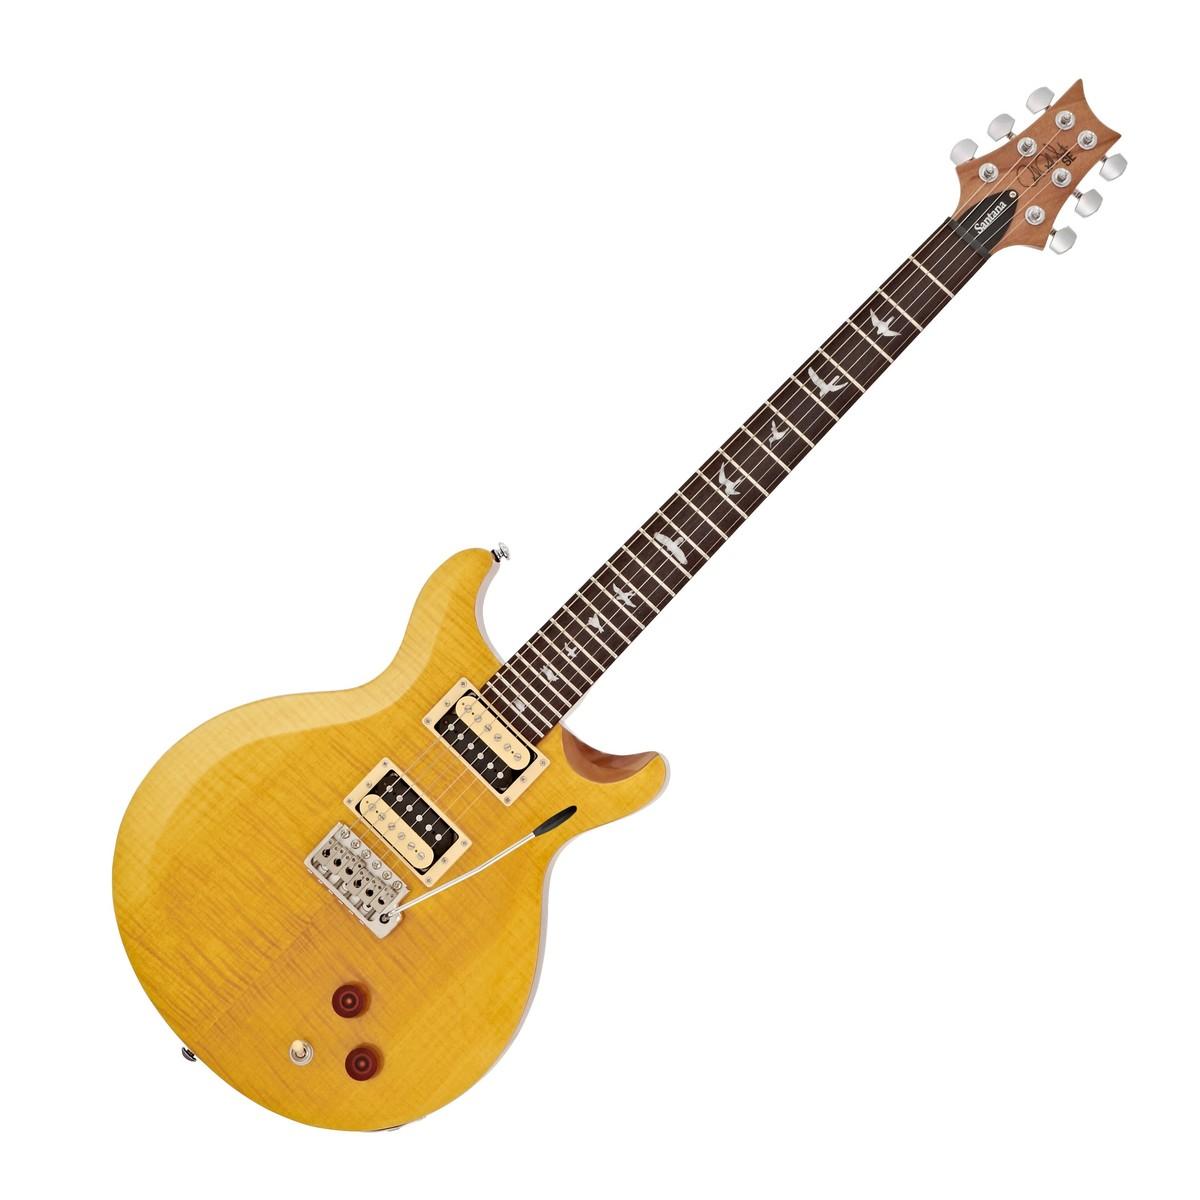 8a235e47b2 PRS SE Santana, Santana Yellow at Gear4music